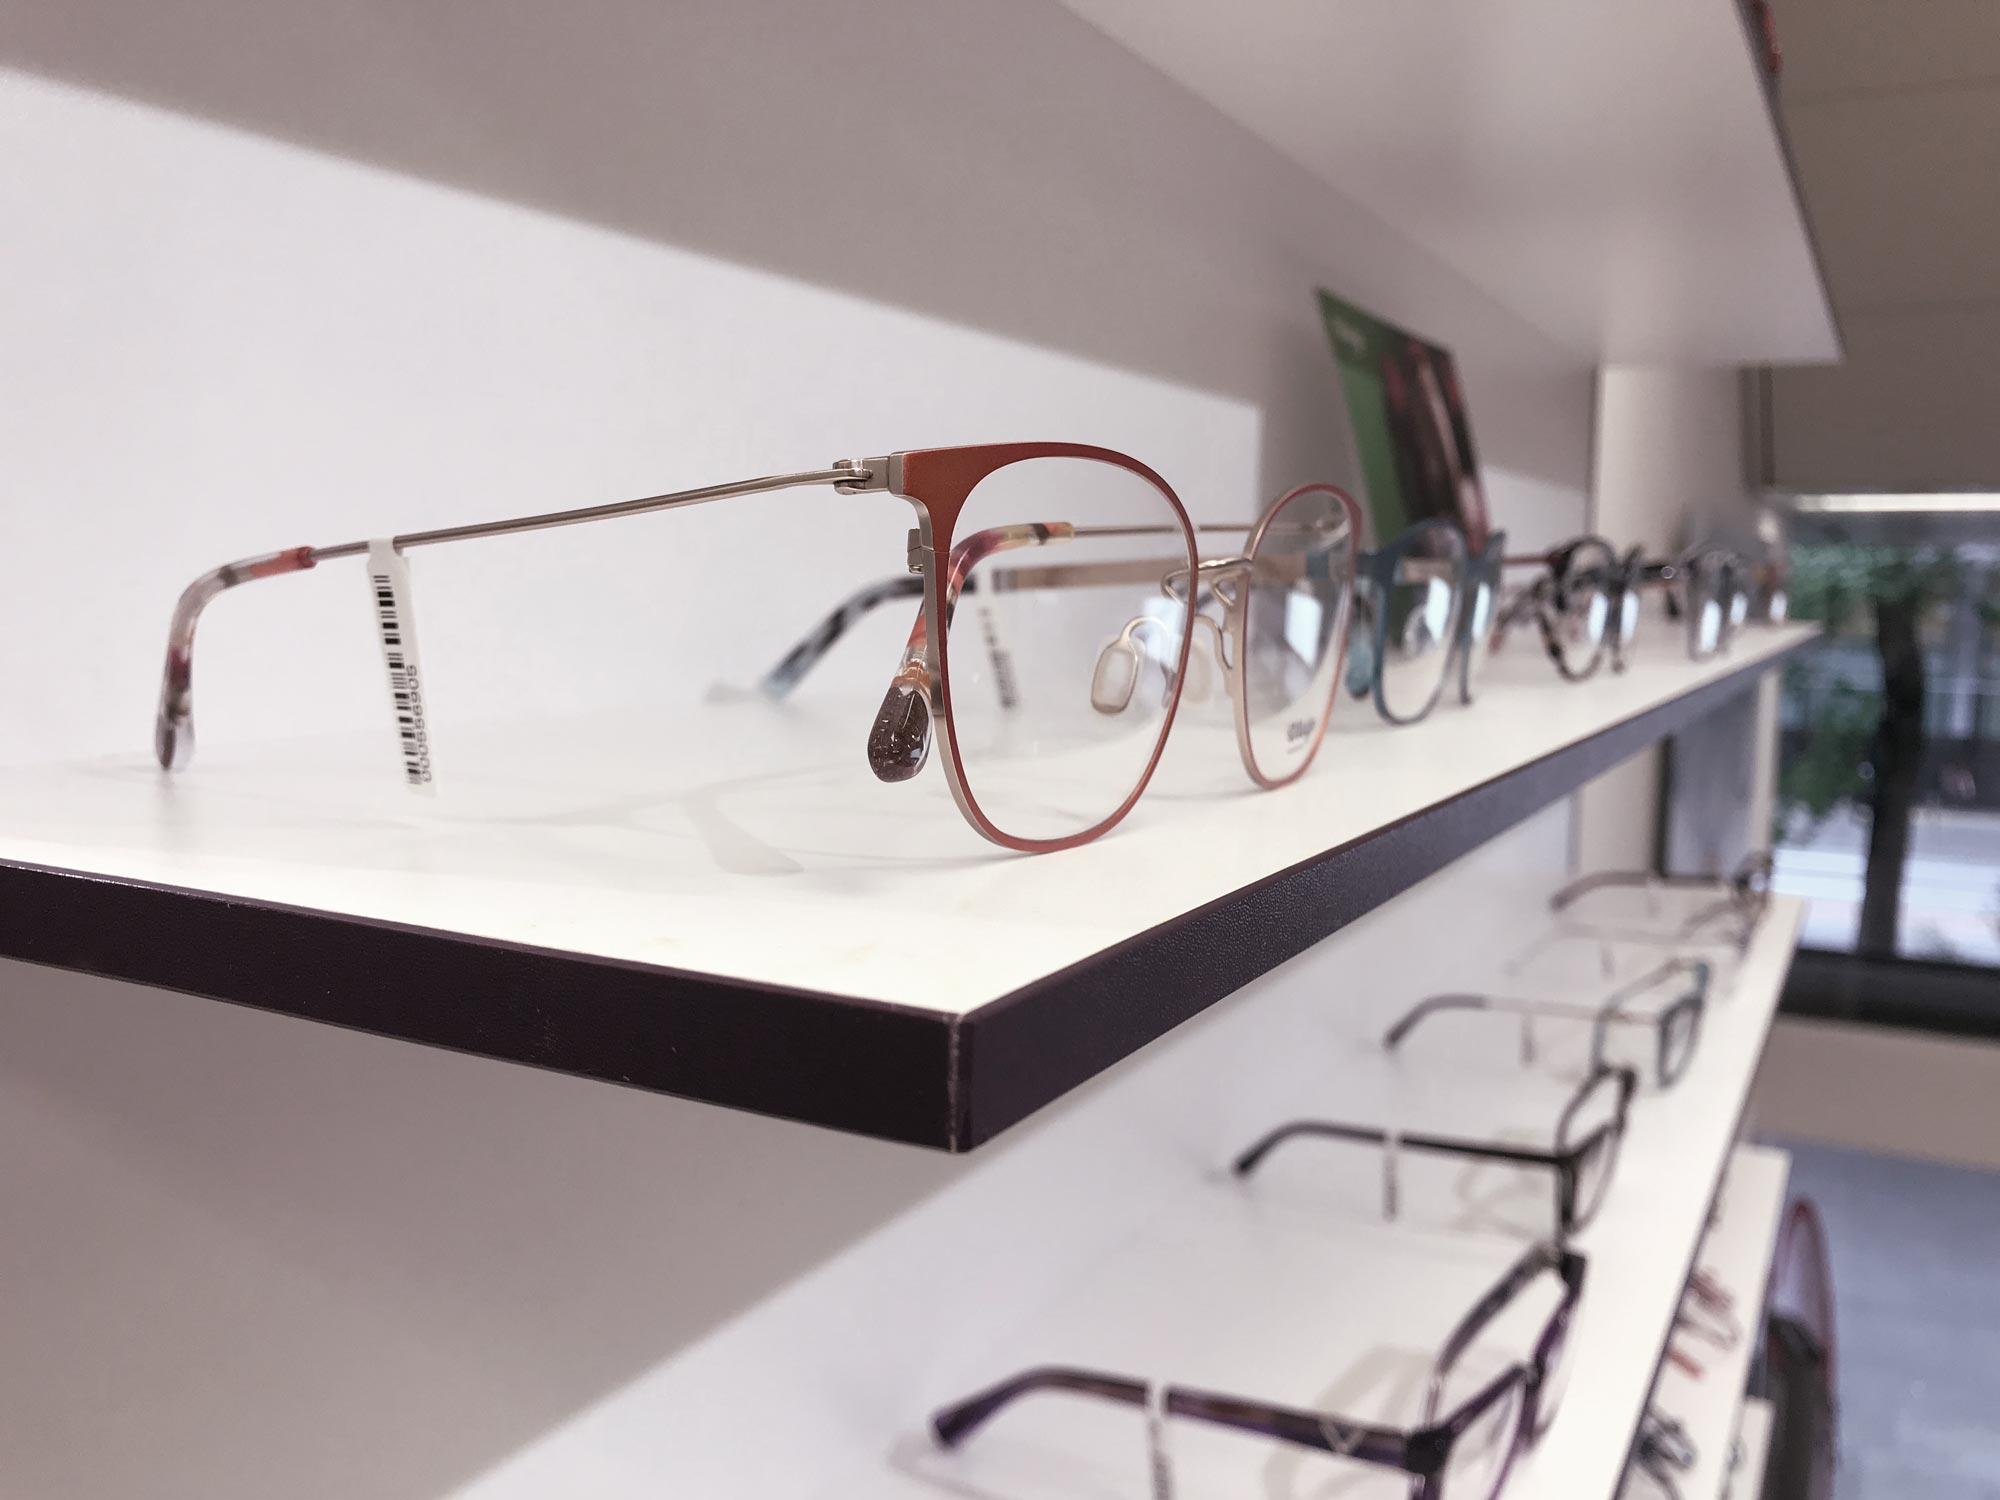 Brille kaufen i Zug